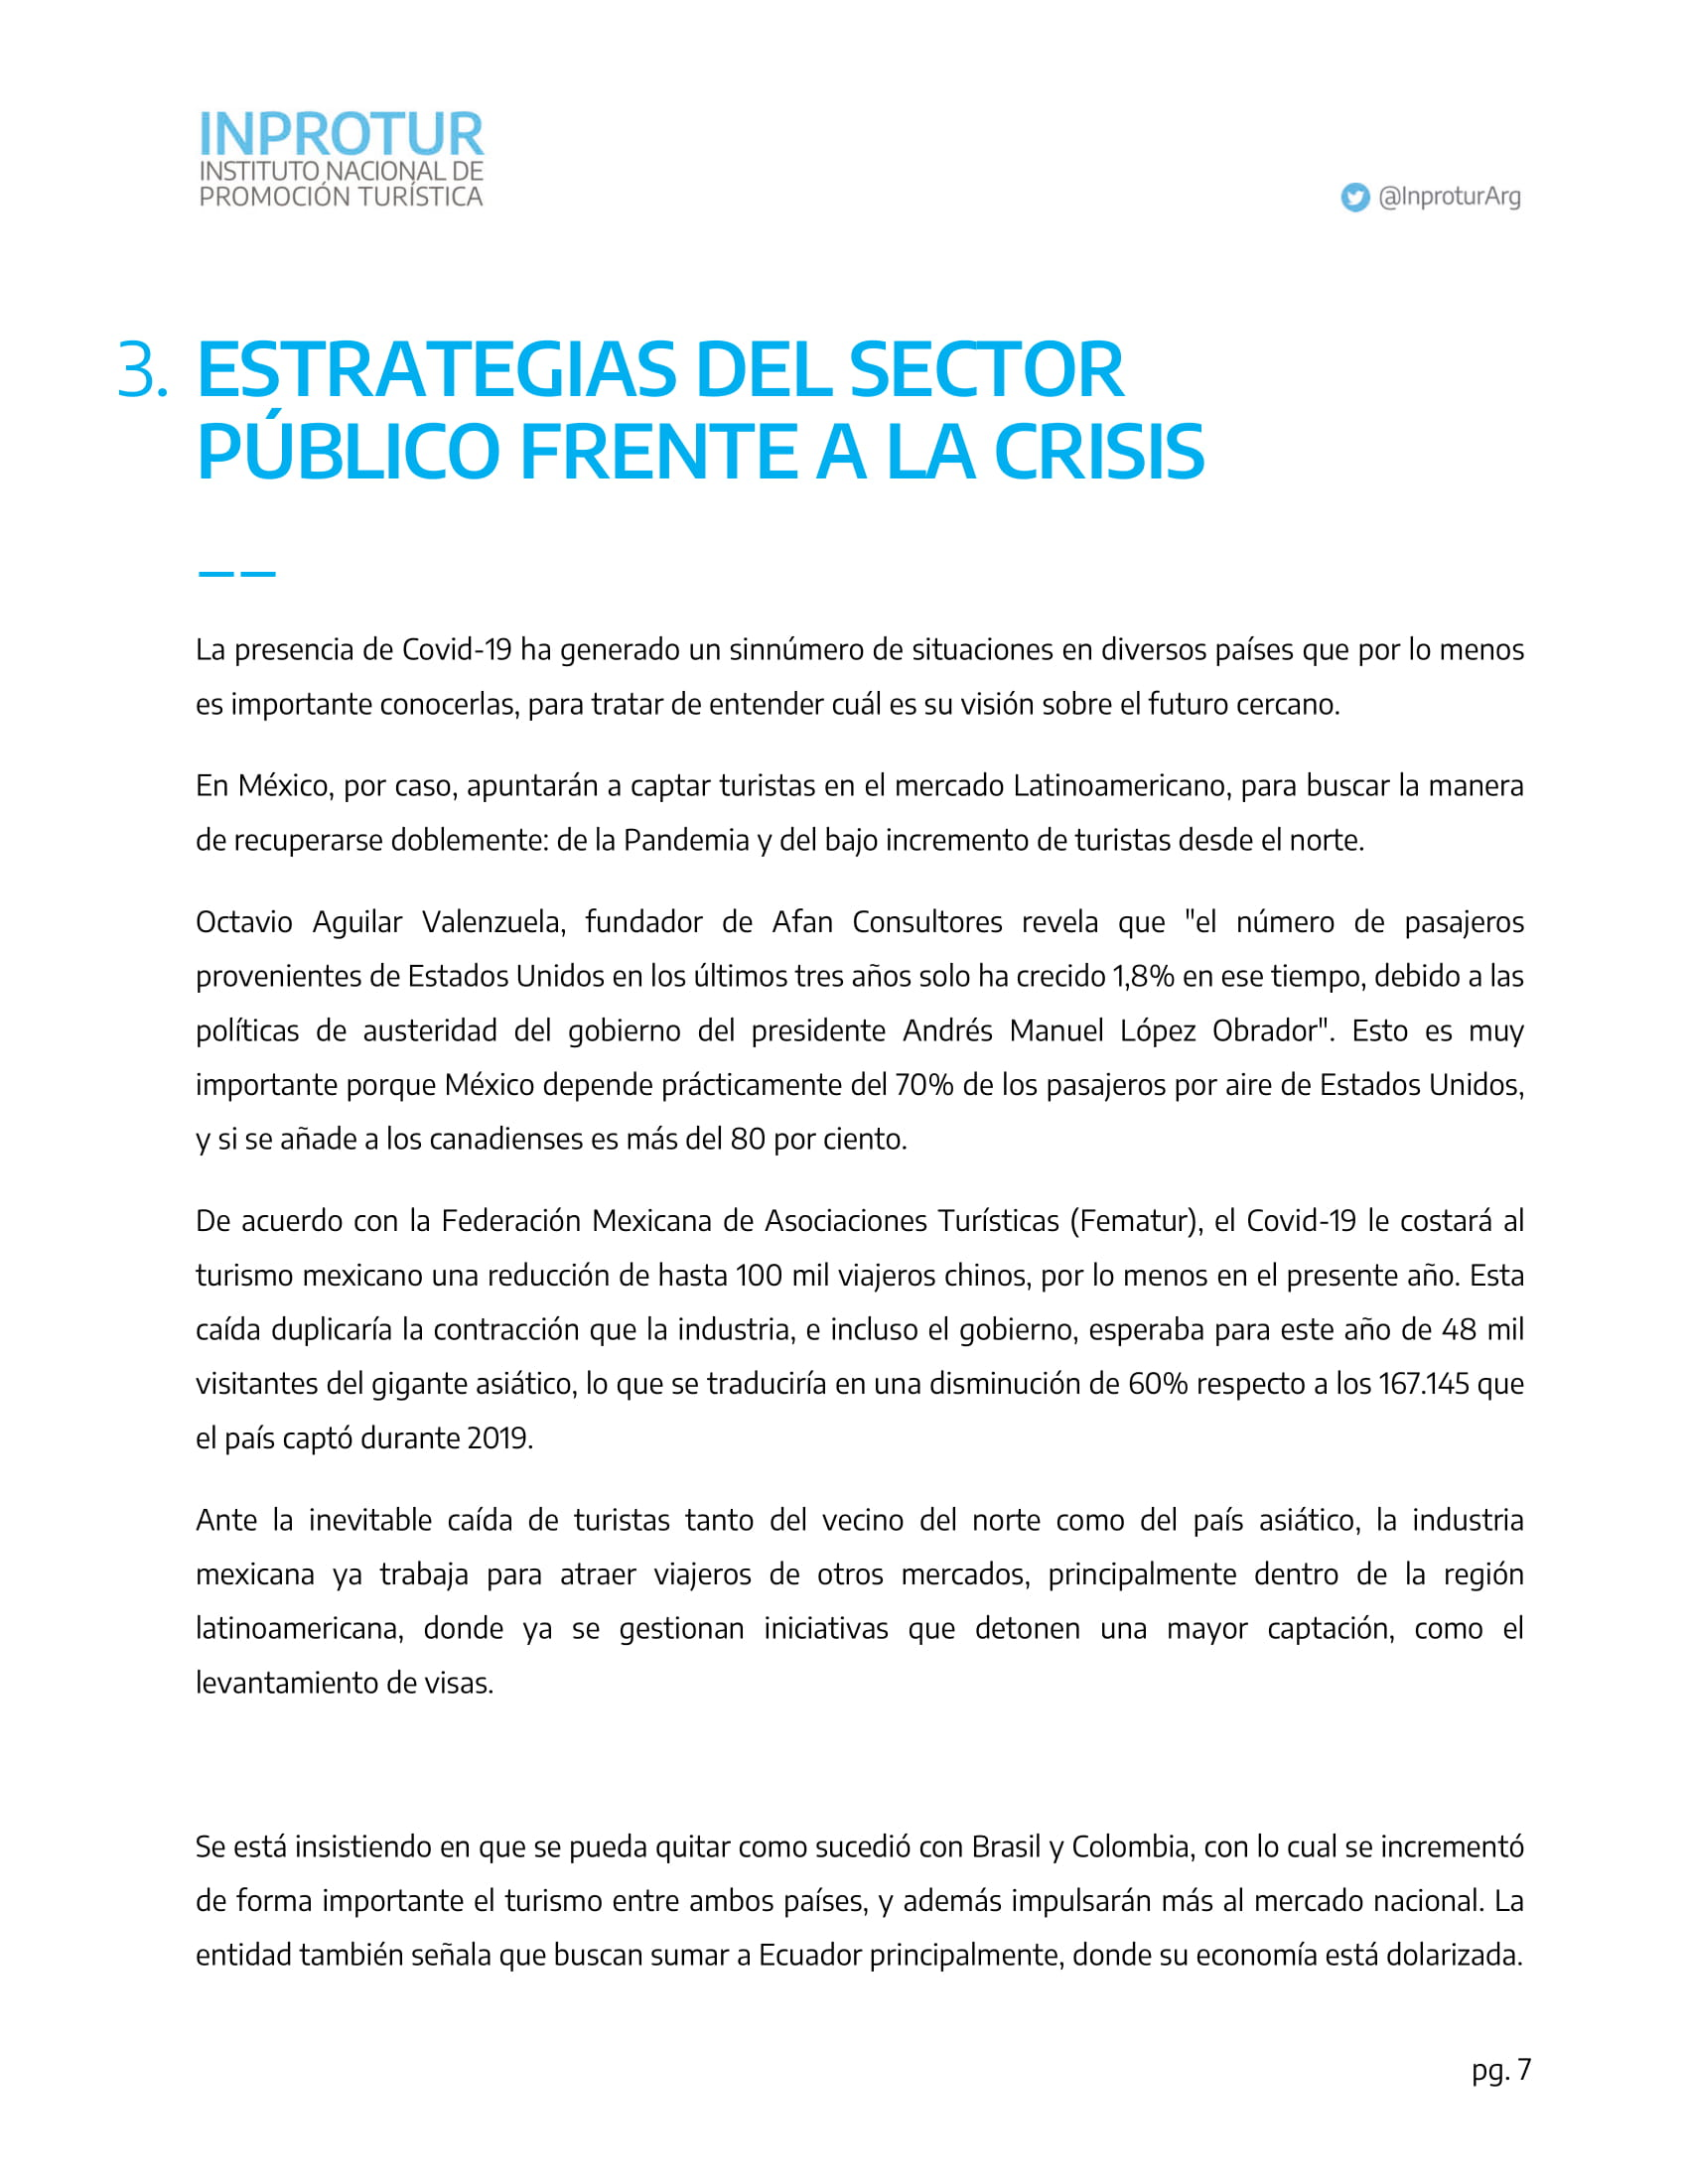 Informe-de-coyuntura-Turismo-y-Coronavirus-2020-07